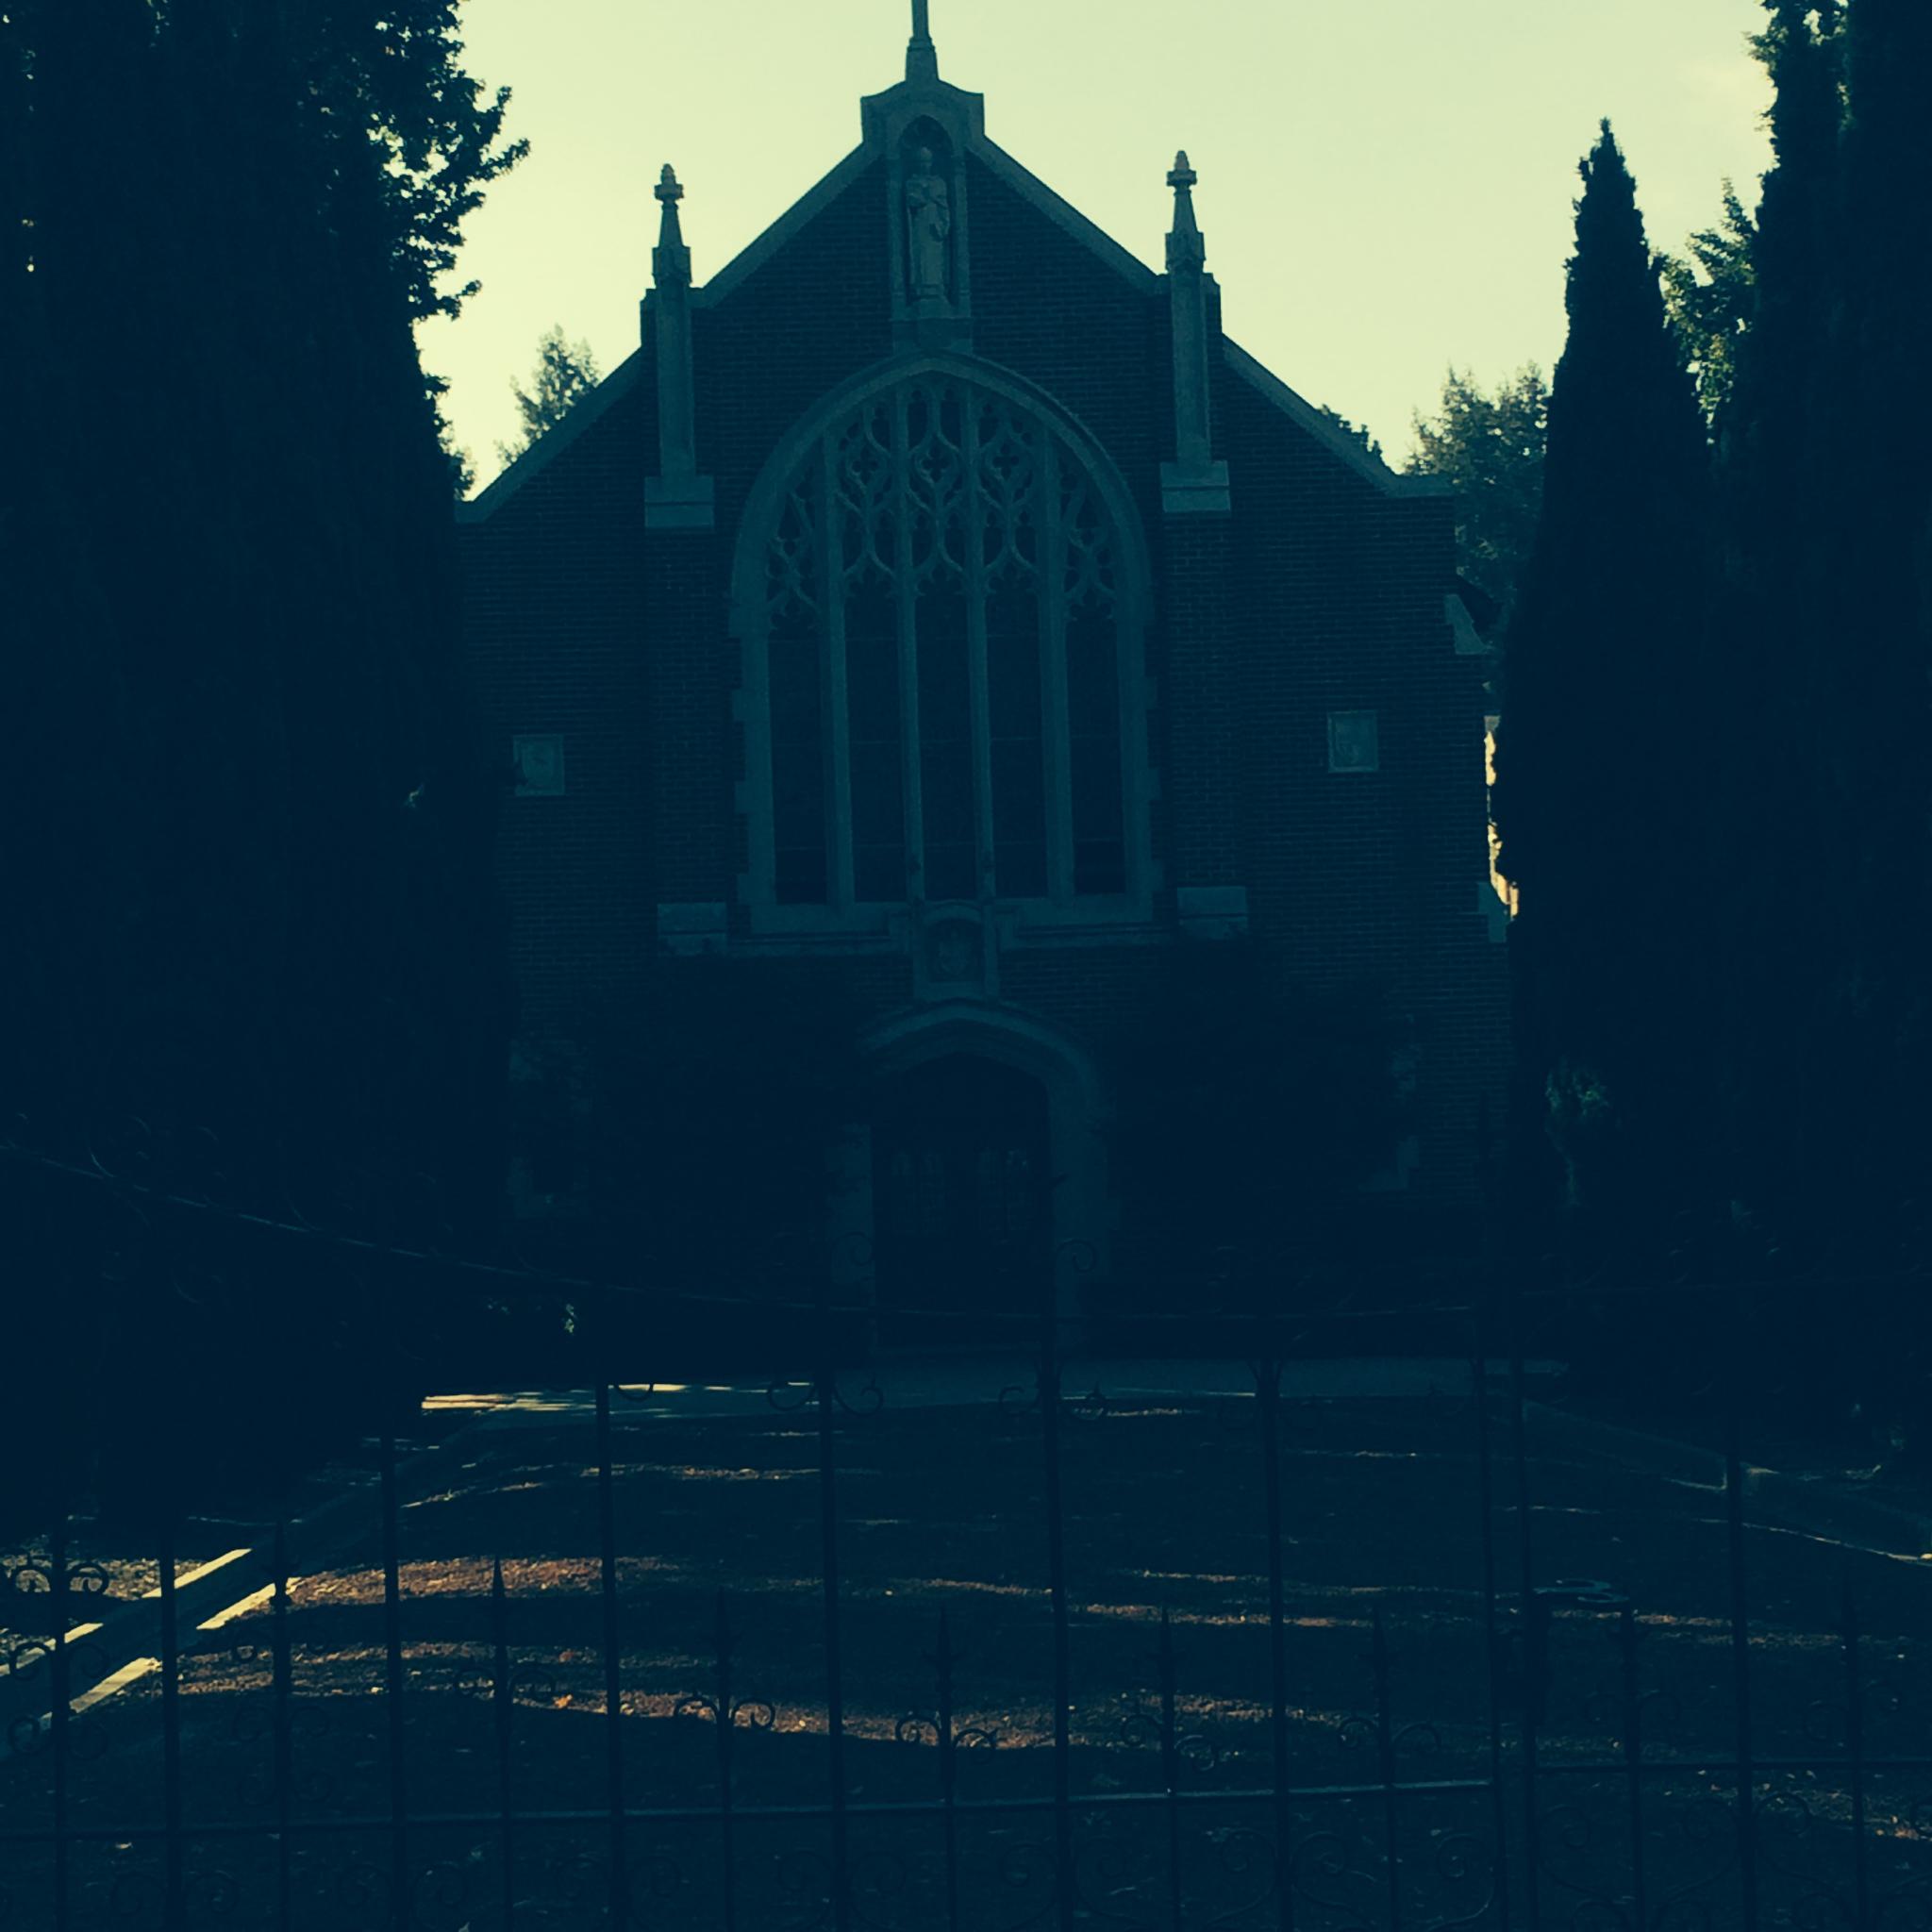 St Albert's Priory